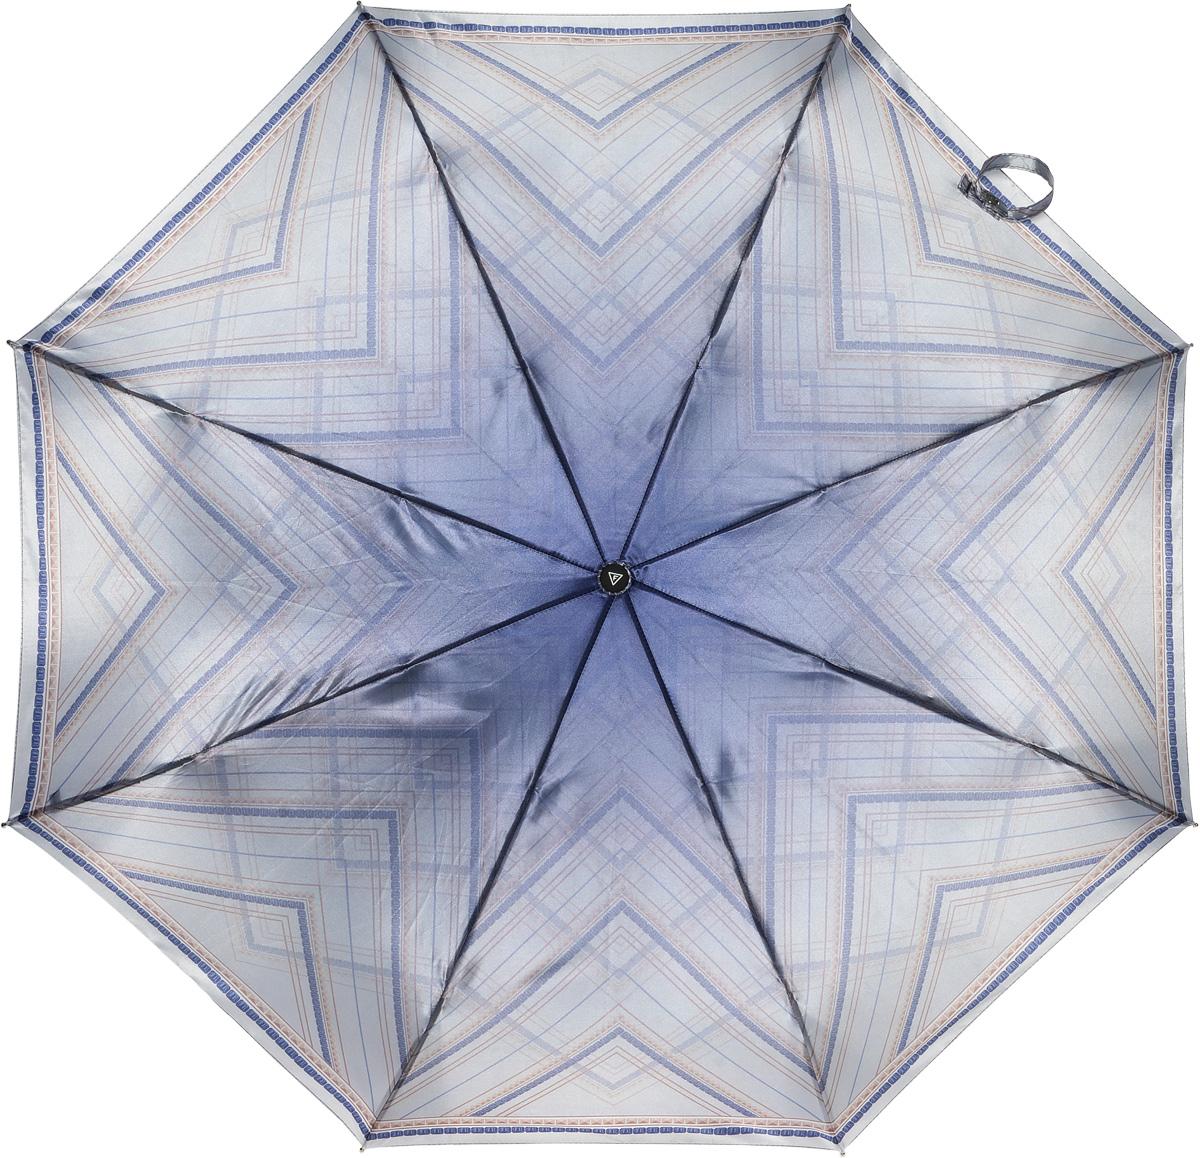 Зонт женский Fabretti, полный автомат, 3 сложения, цвет: серый. S-16101-5S-16101-5Зонт женский Fabretti, суперавтомат, 3 сложения, сатин